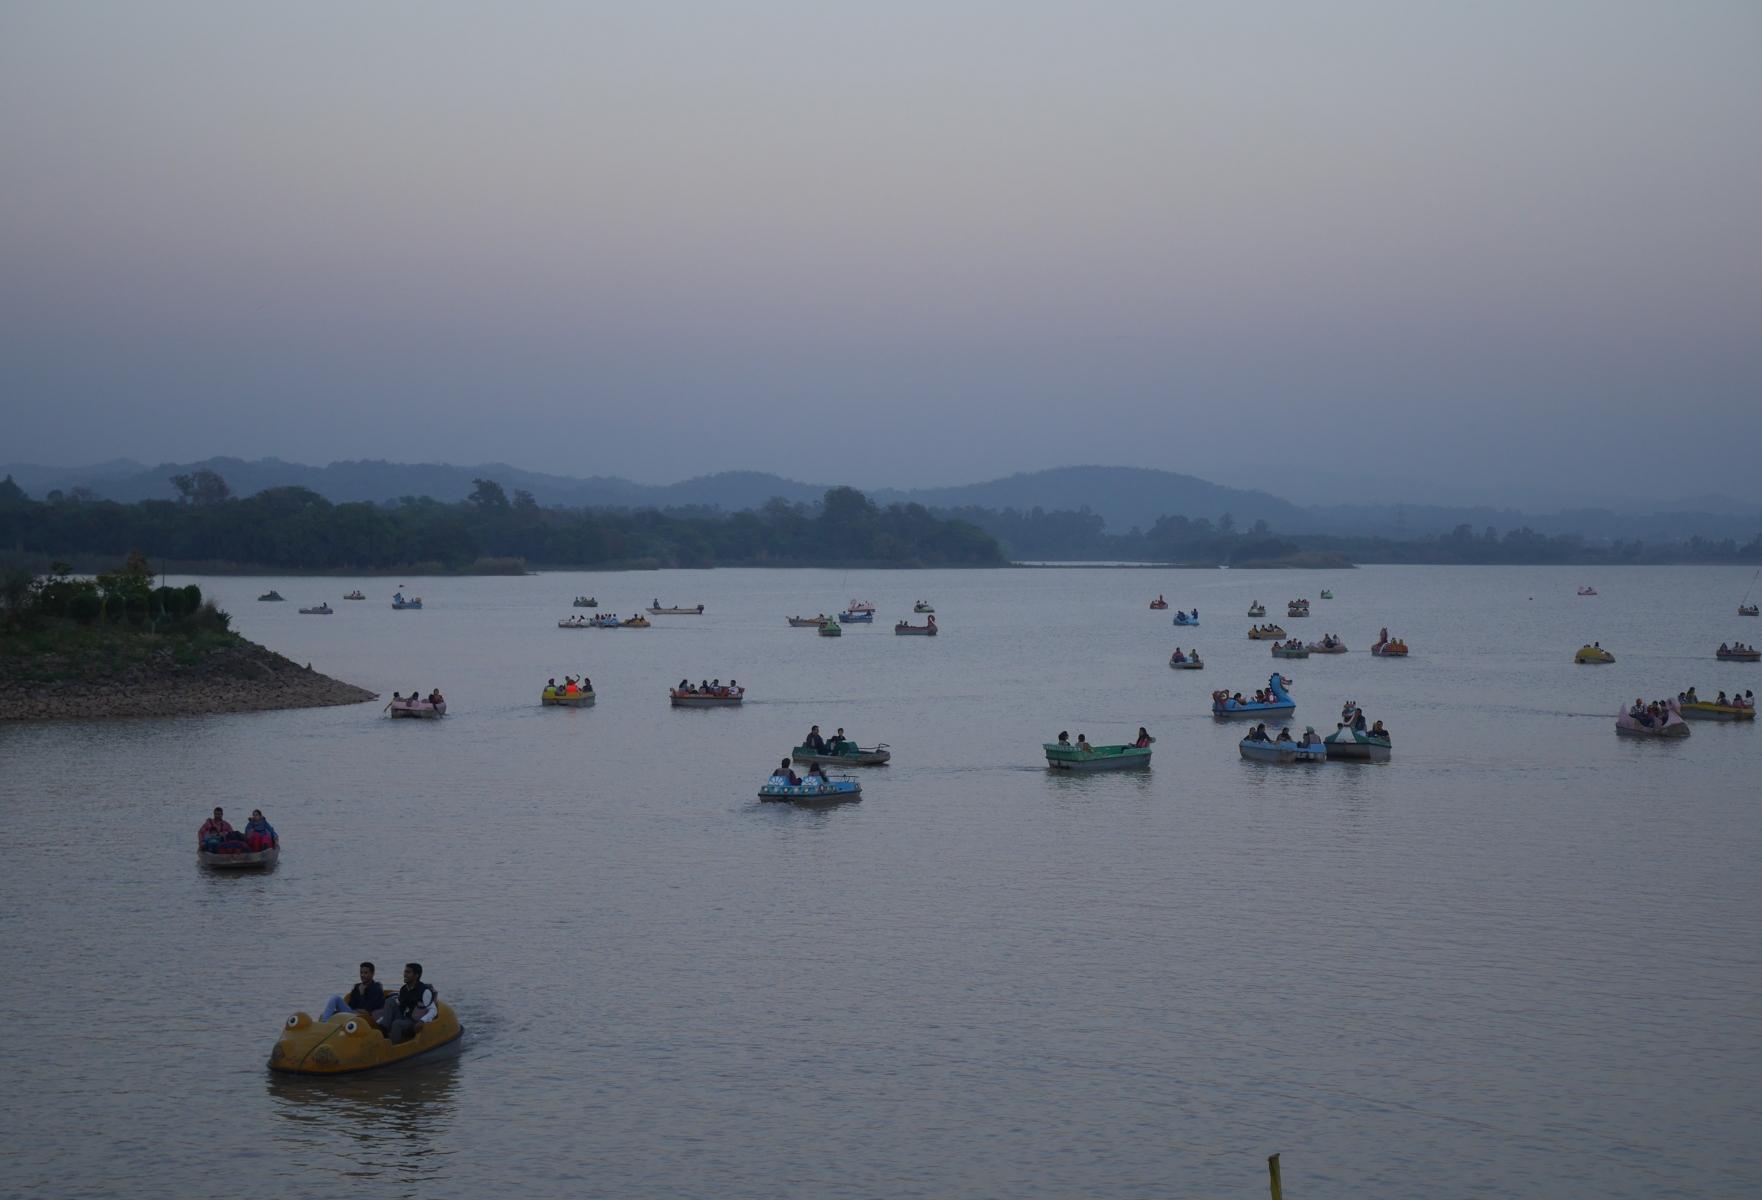 Paddleboats on Sukhna Lake.